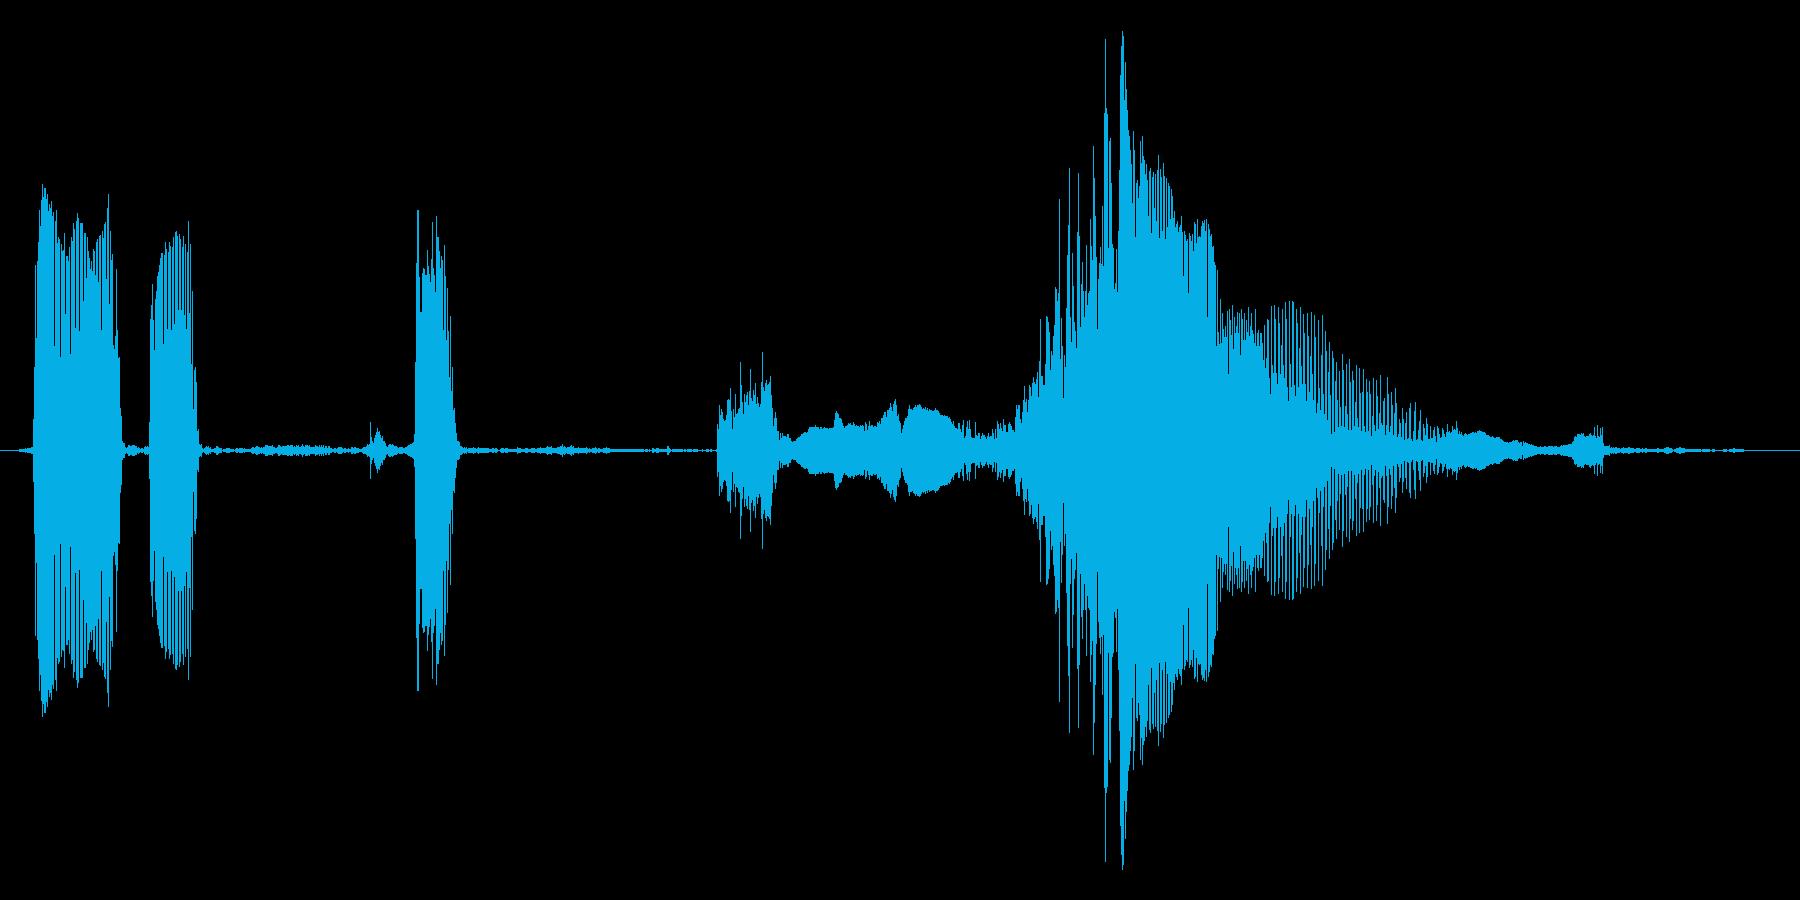 赤ちゃんの笑い声(コンデンサマイク使用)の再生済みの波形